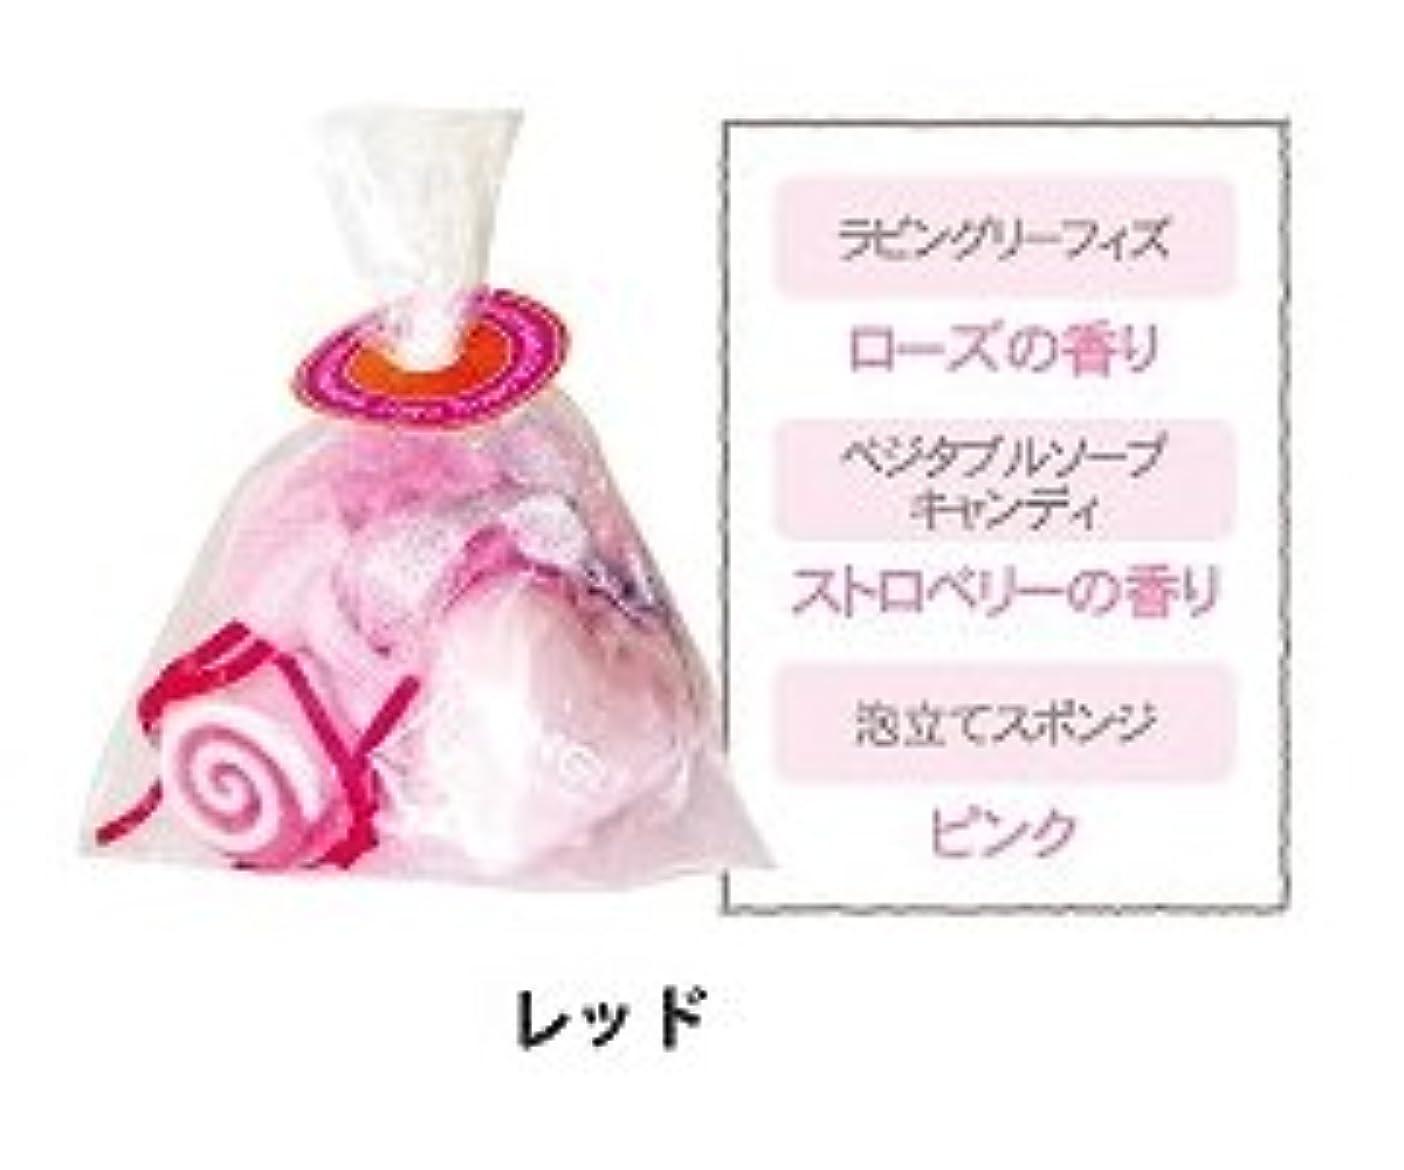 噛む安全な出血カラフルキャンディ バスバッグ レッド 12個セット